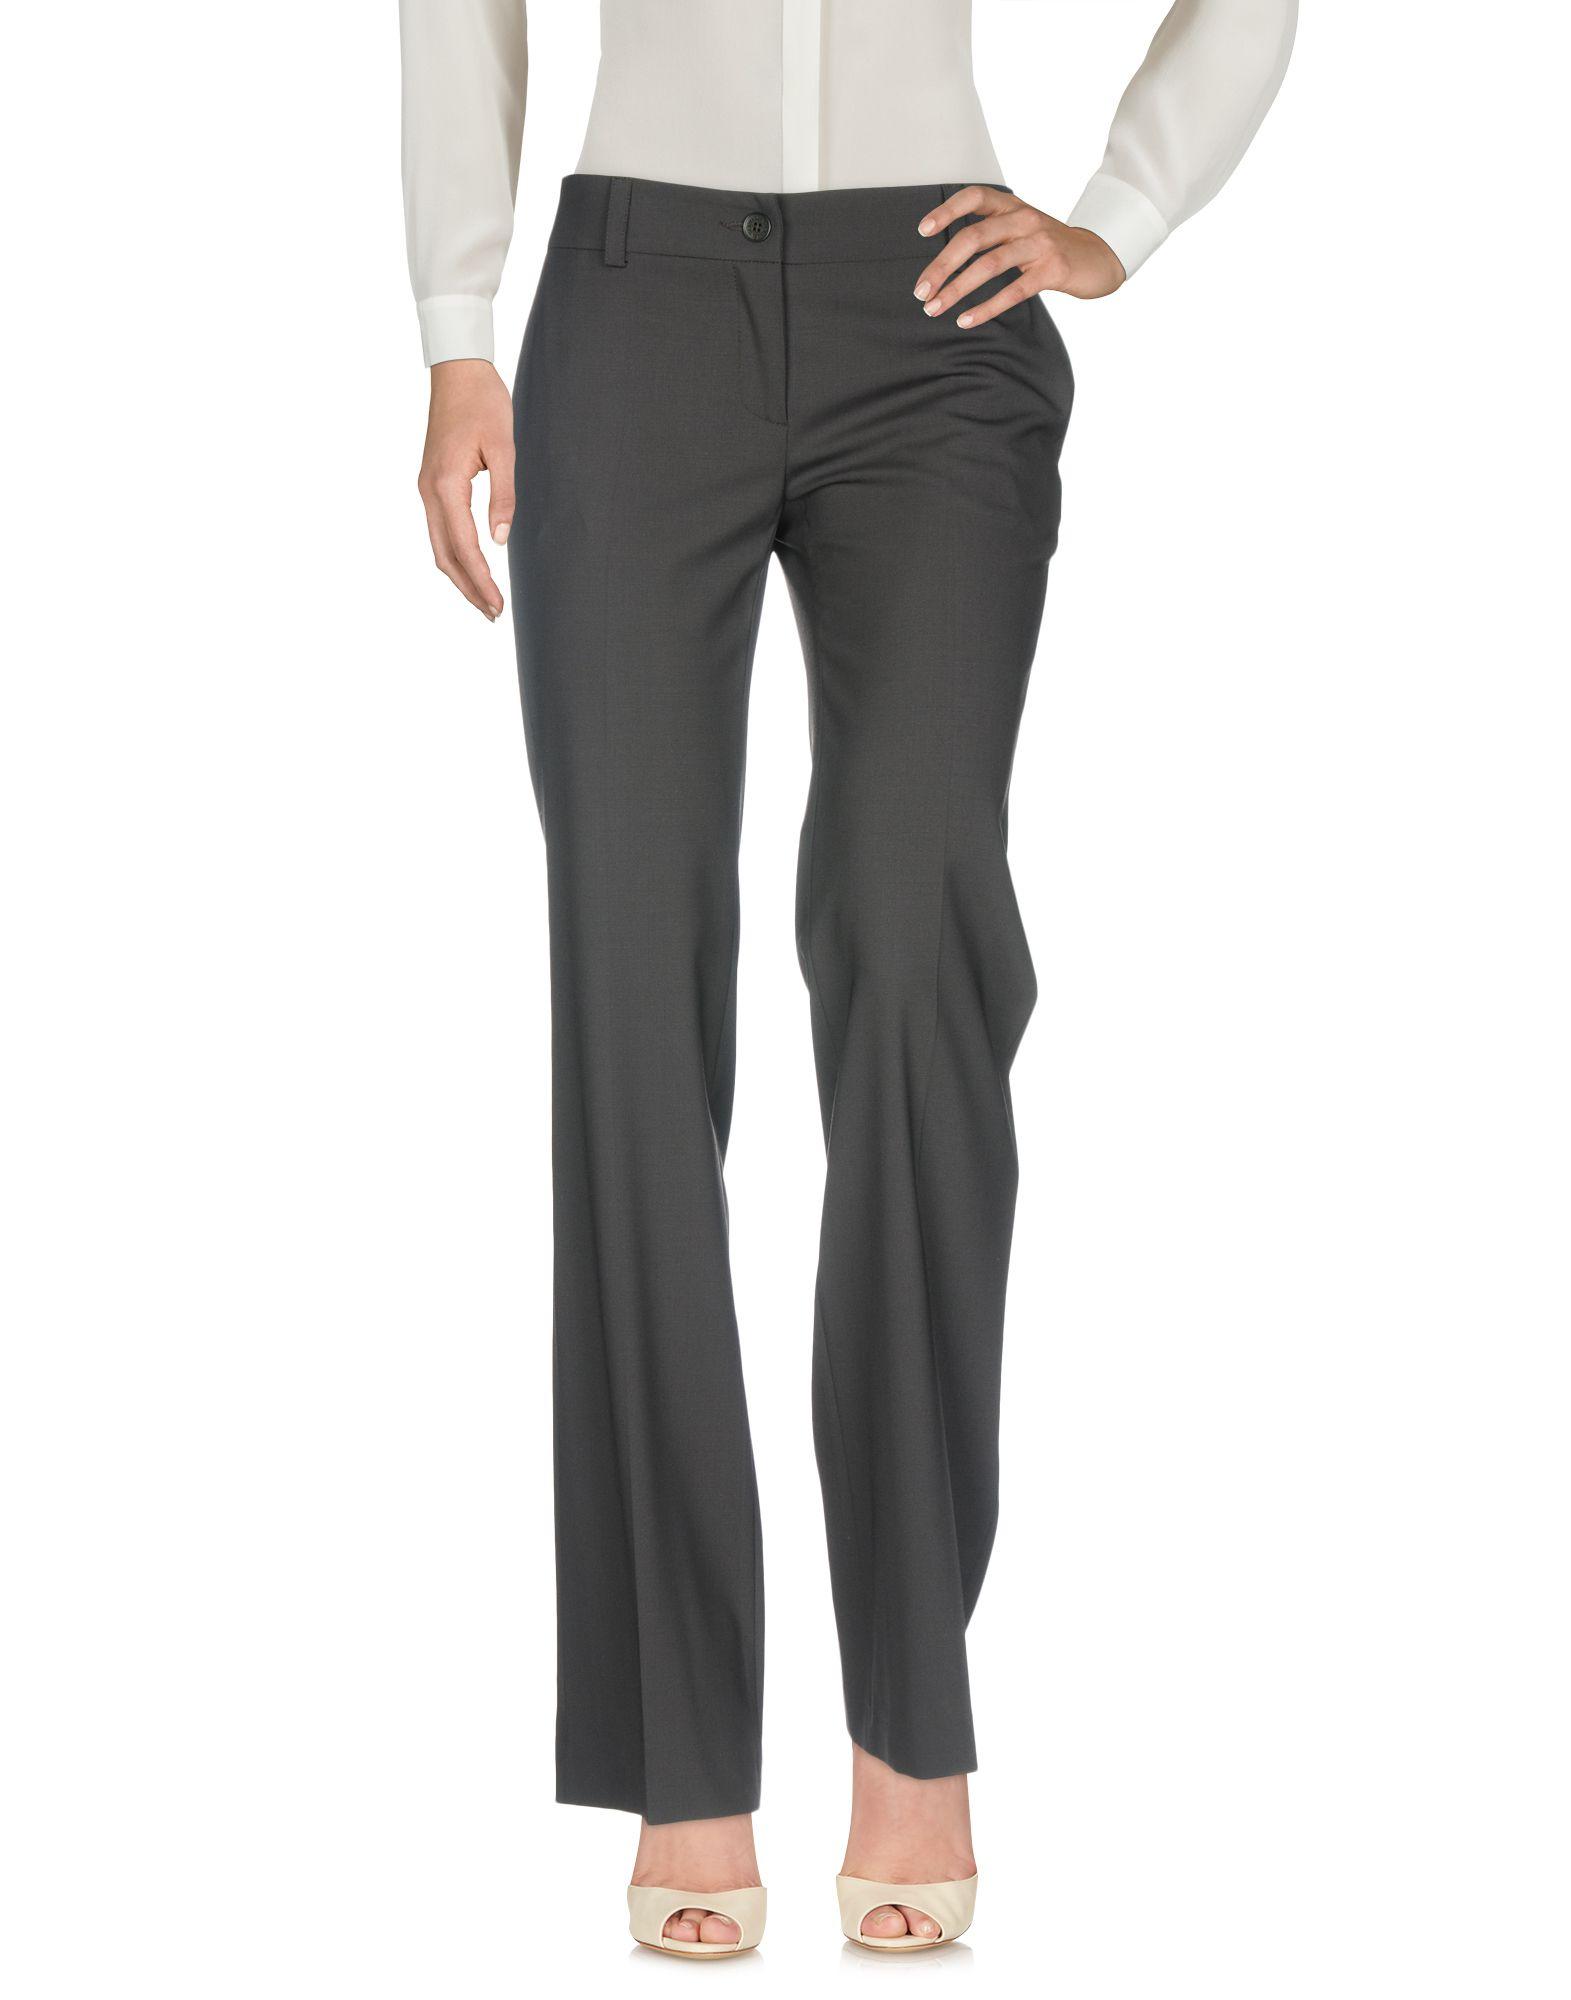 MARIA DI RIPABIANCA Повседневные брюки pal zileri concept однотонный пиджак